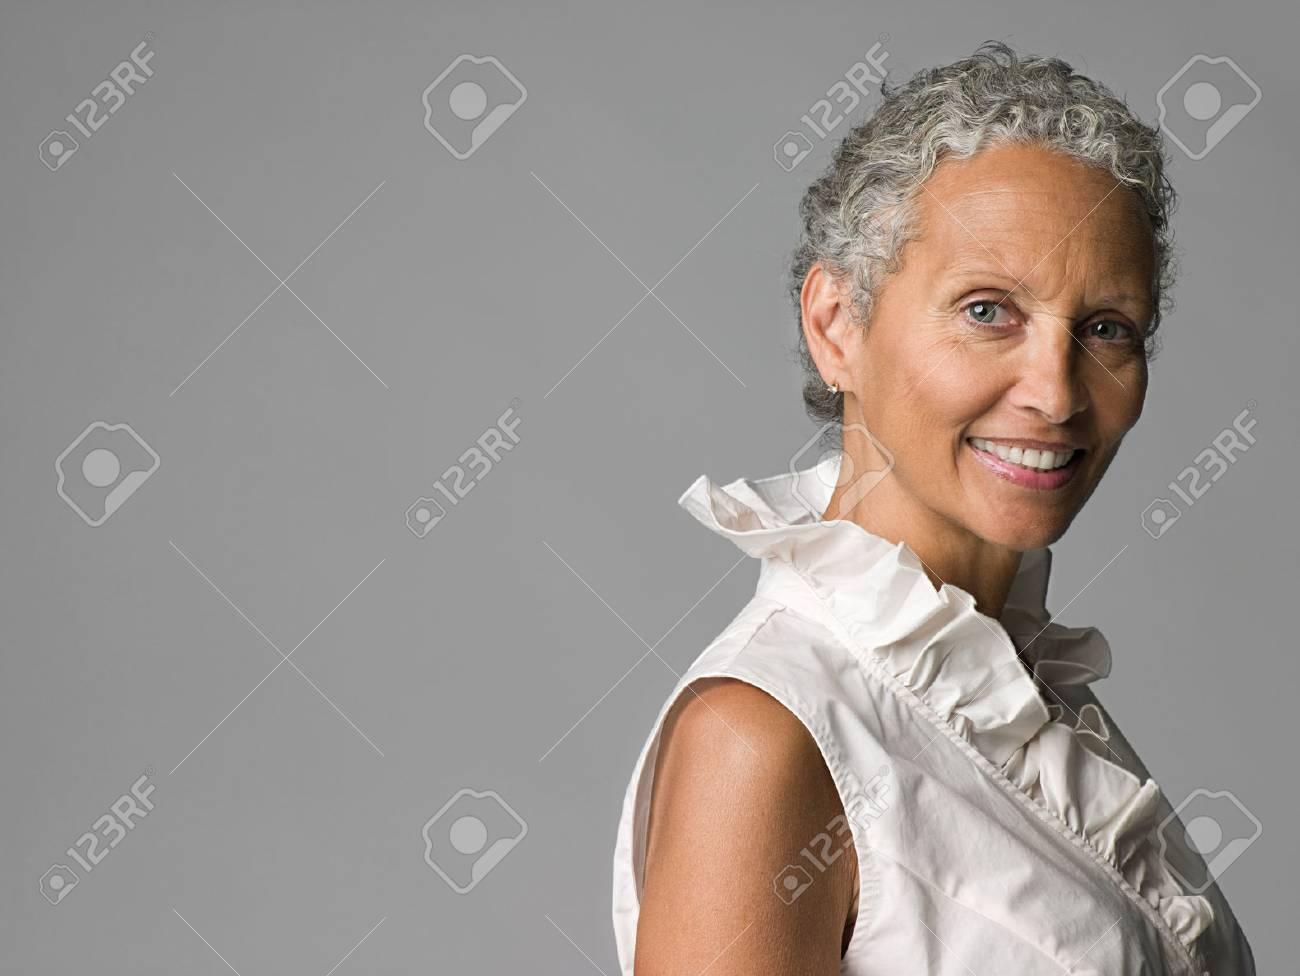 Portrait of a senior woman - 85900130